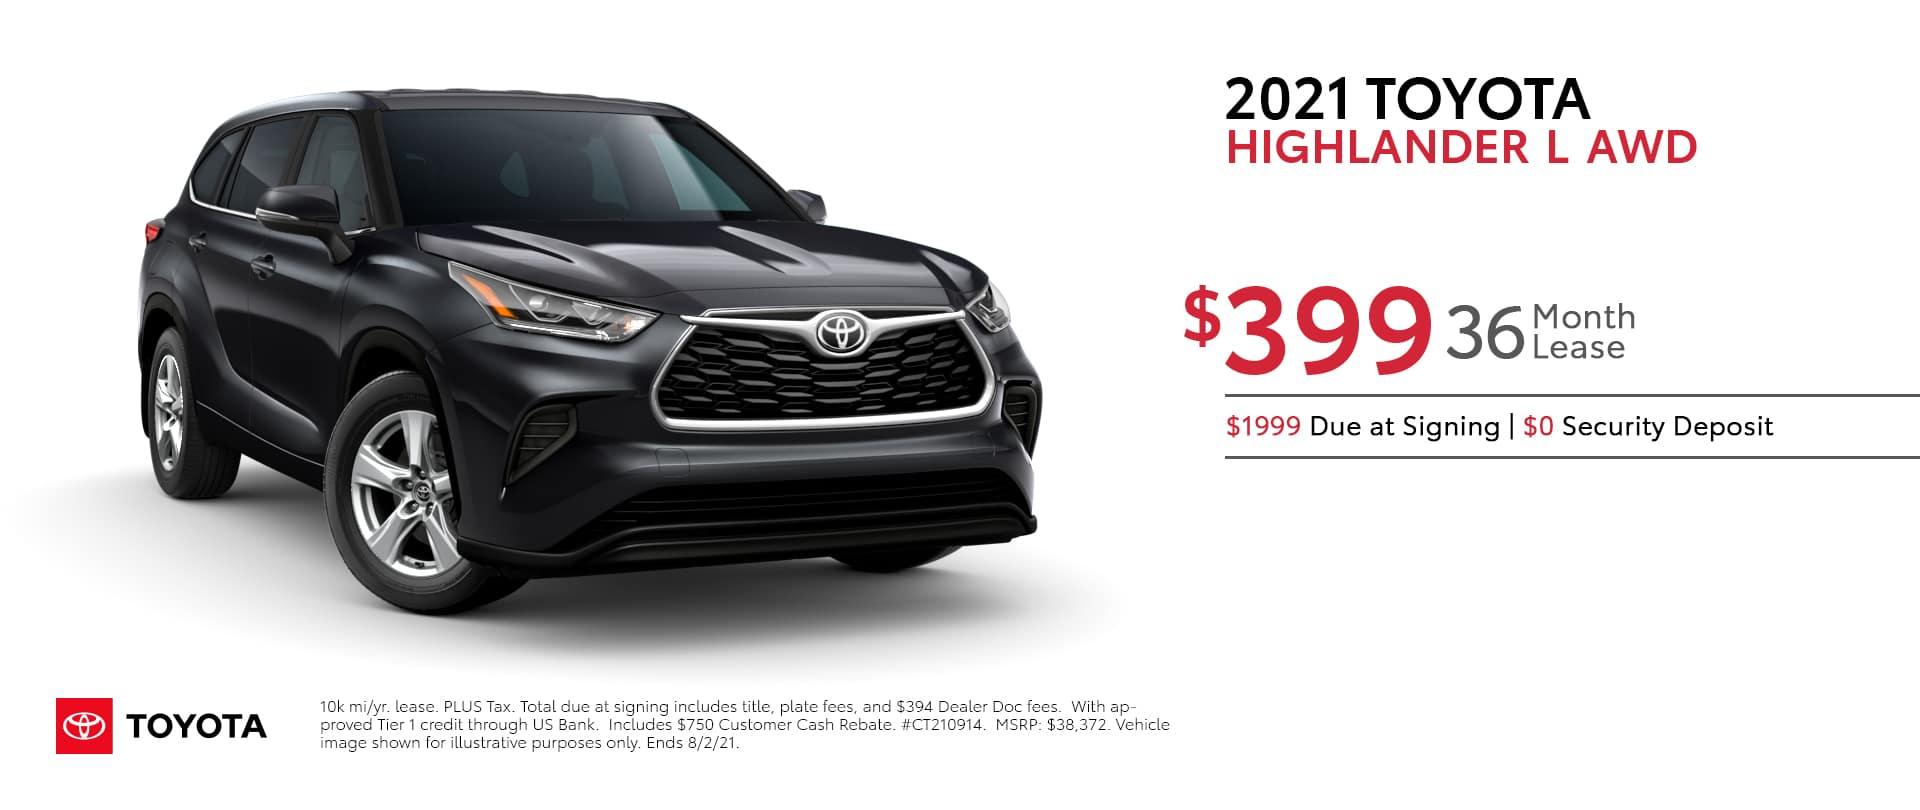 2021-Toyota-Highlander-L-AWD-Lease